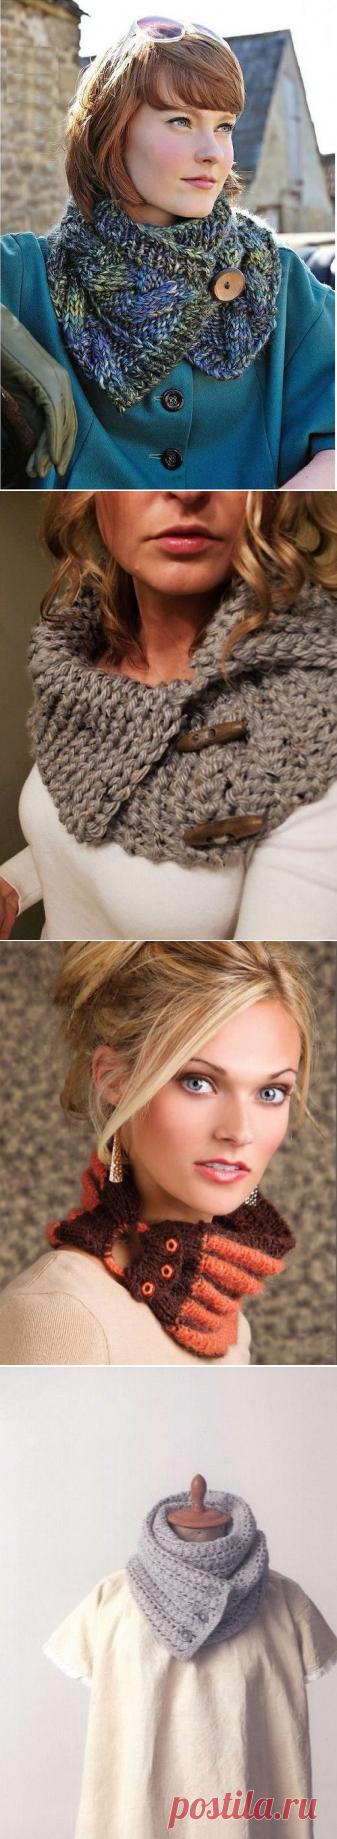 La bufanda sobre los botones (40 fotos): sheegreyka con el cierre sobre los botones y corto, como llevar